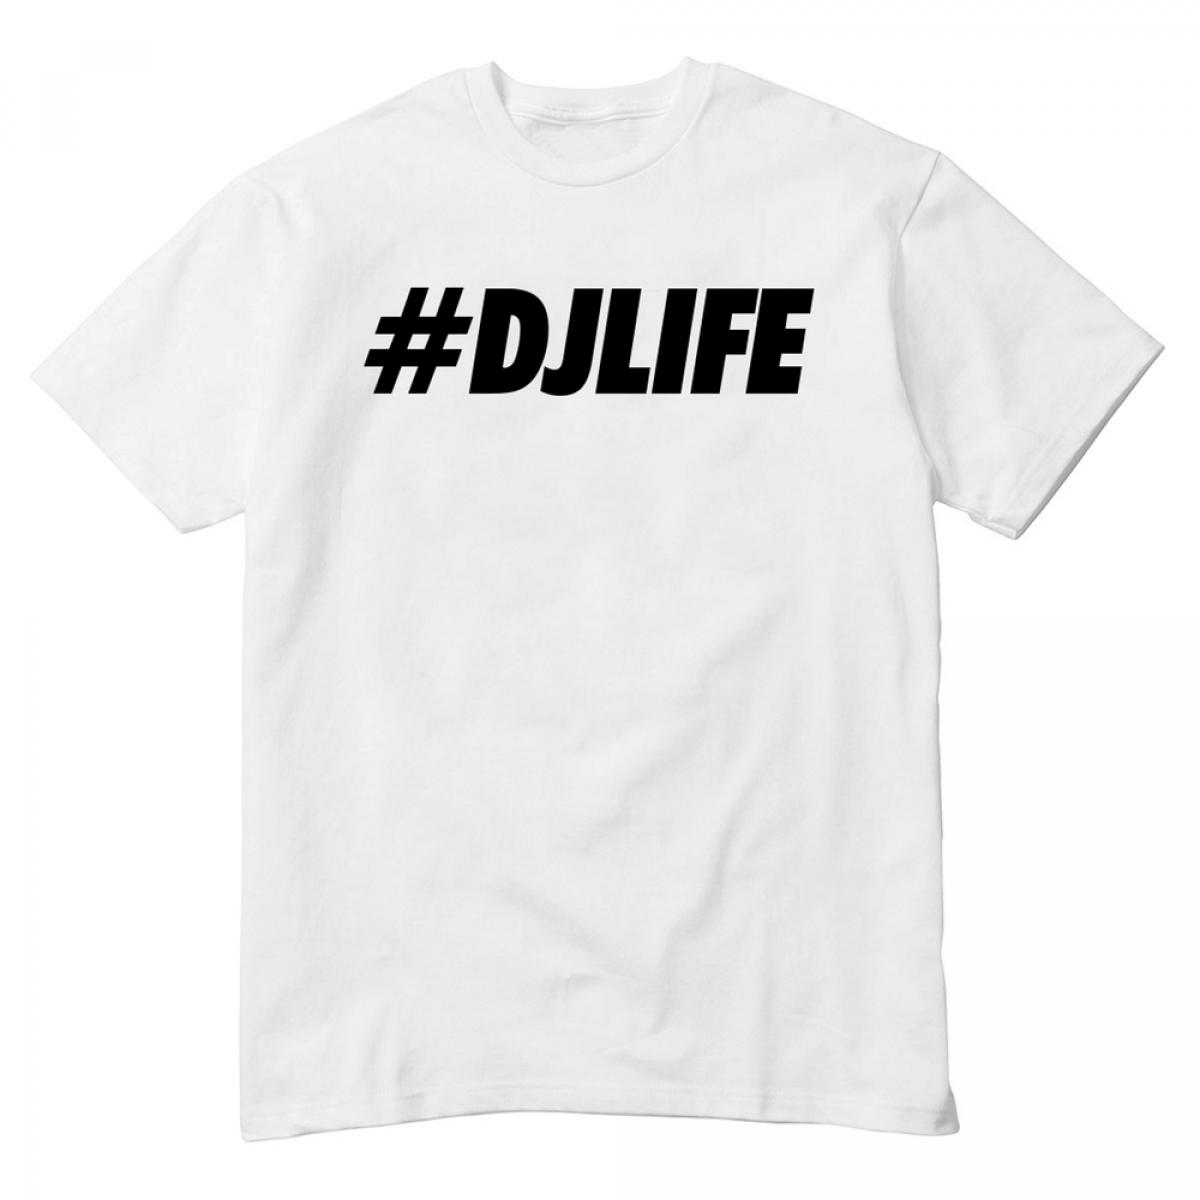 8c2ad1bc9255 DJ tshirt  DJ Life. back